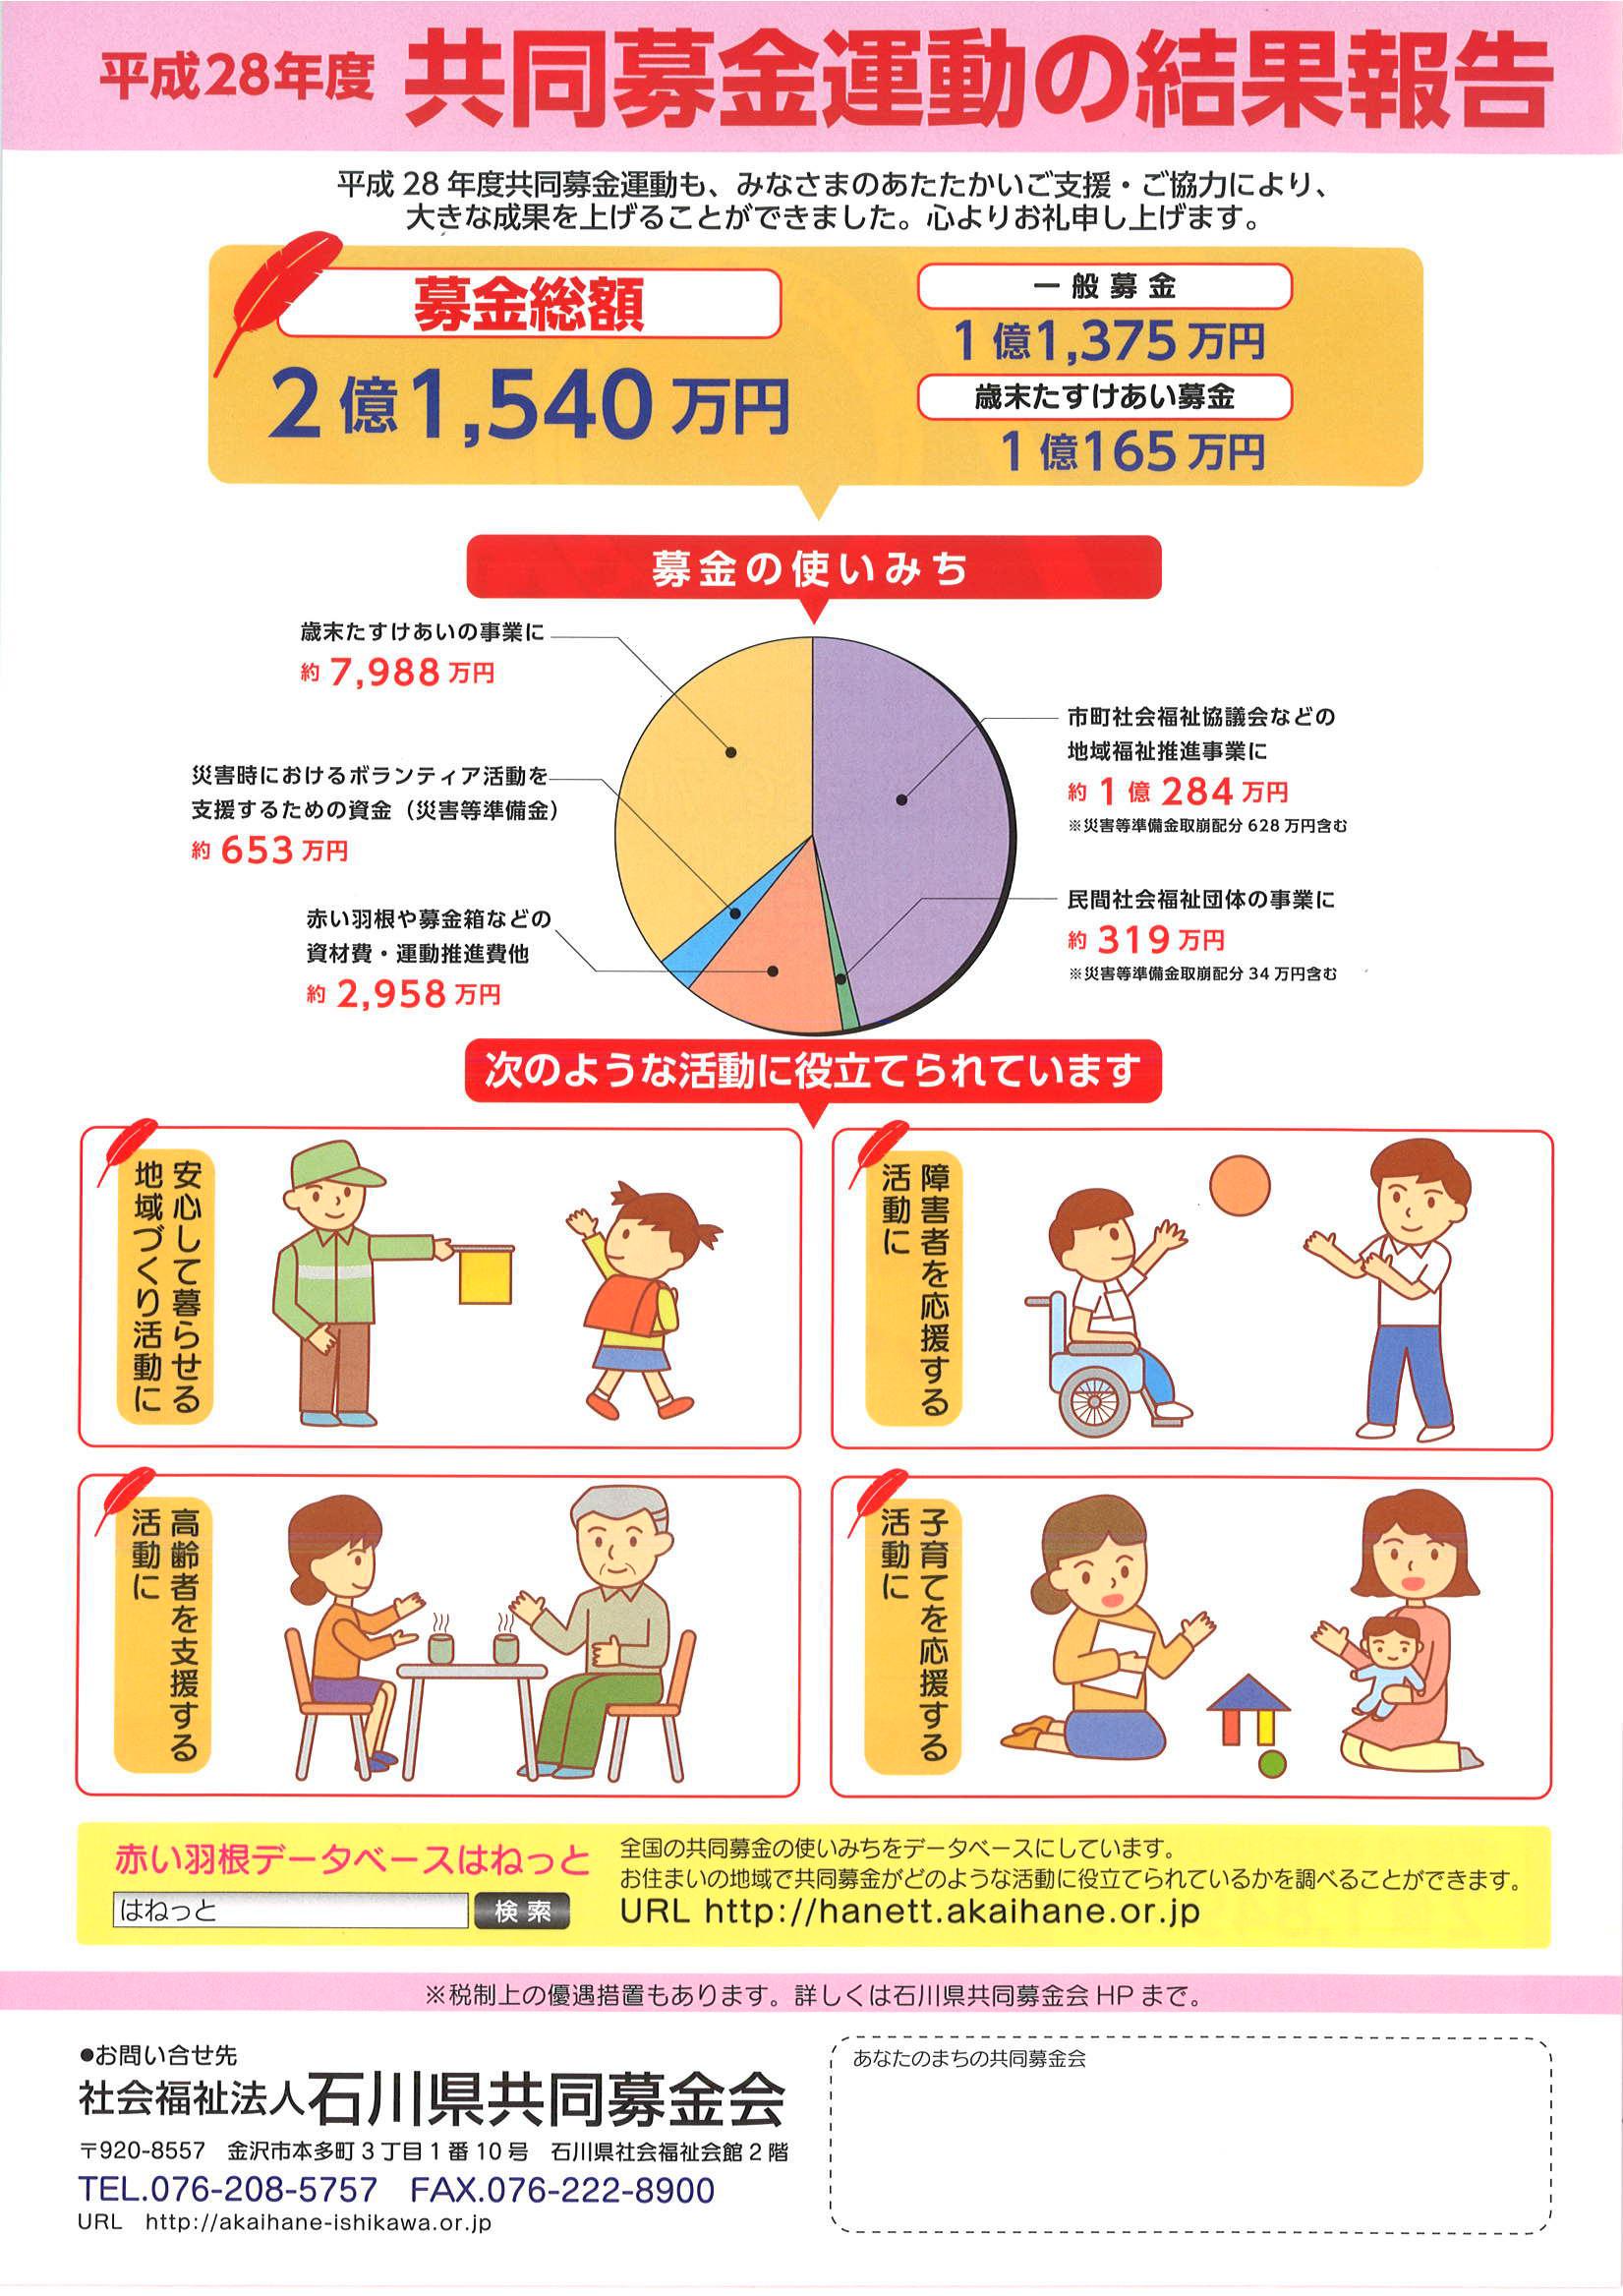 h28%e3%81%a1%e3%82%89%e3%81%97%e8%a3%8f%e9%9d%a2